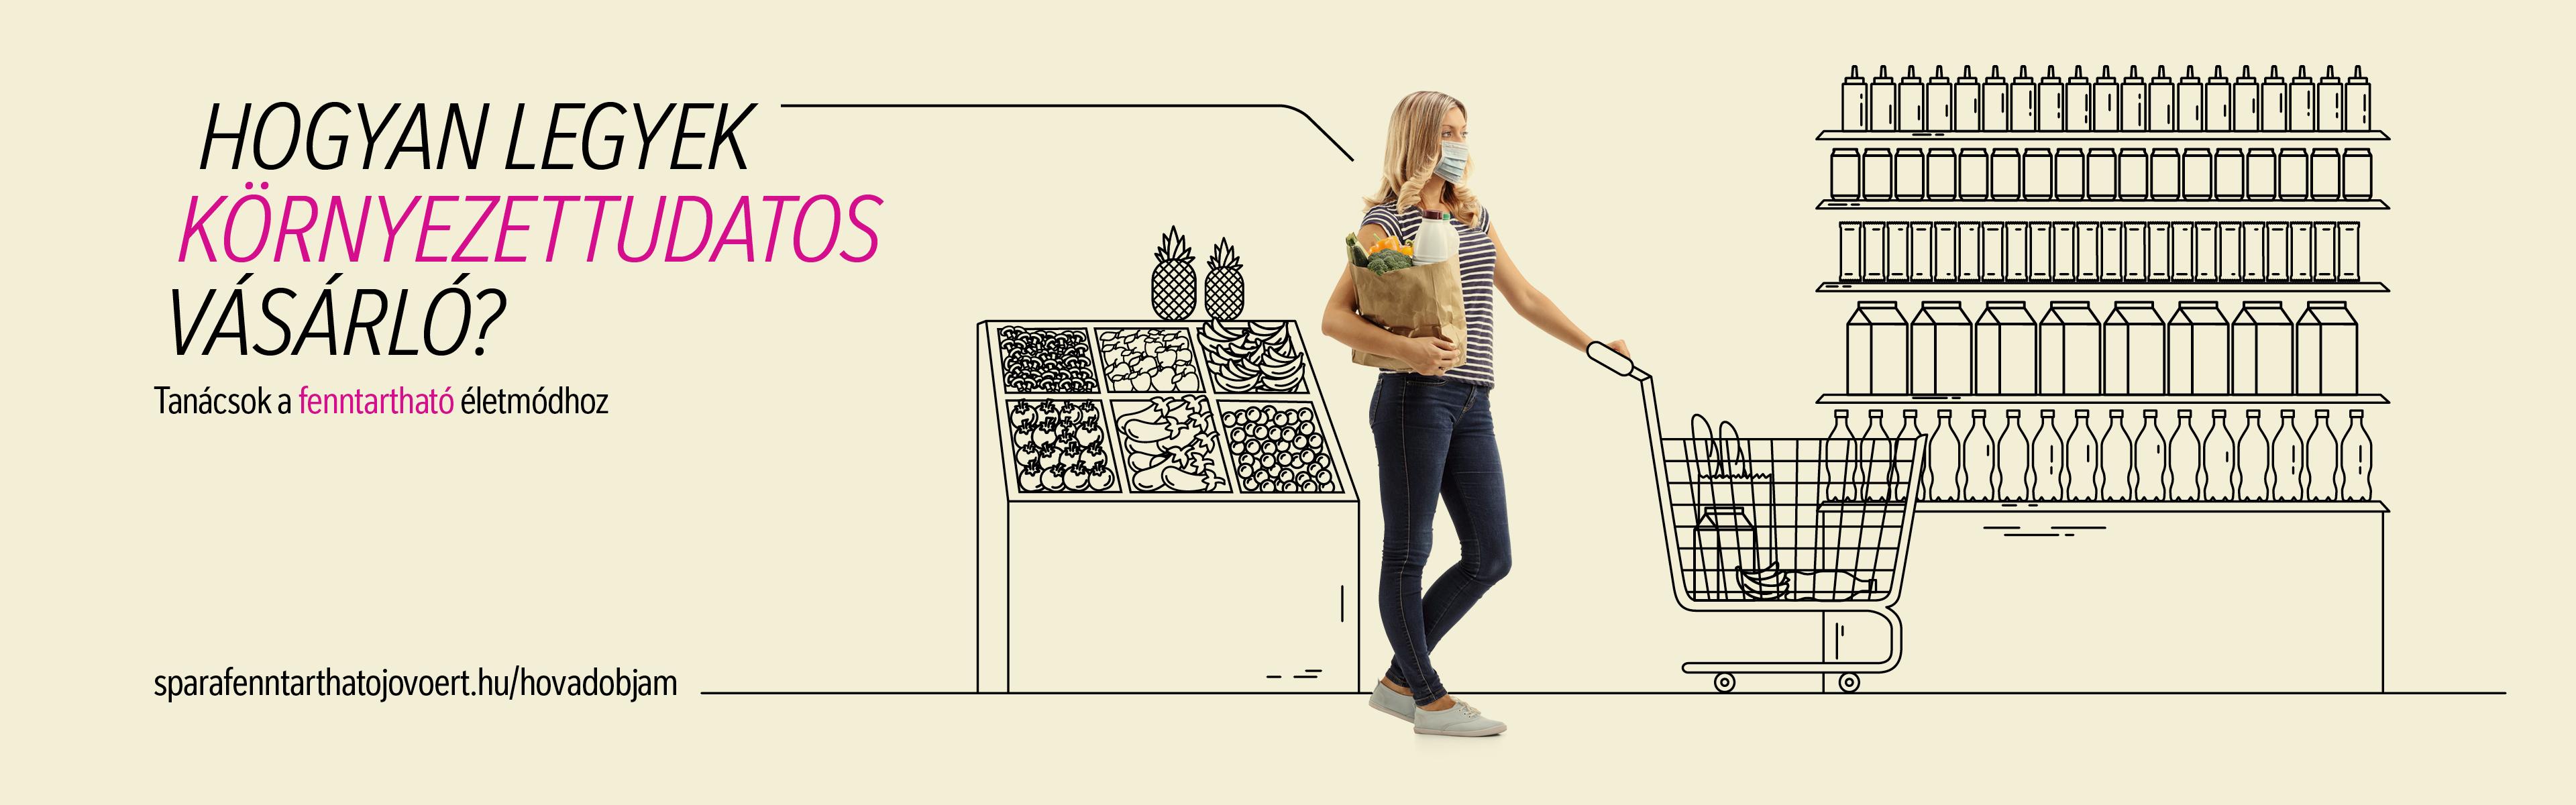 Hogyan lehetsz környezettudatos vásárló?